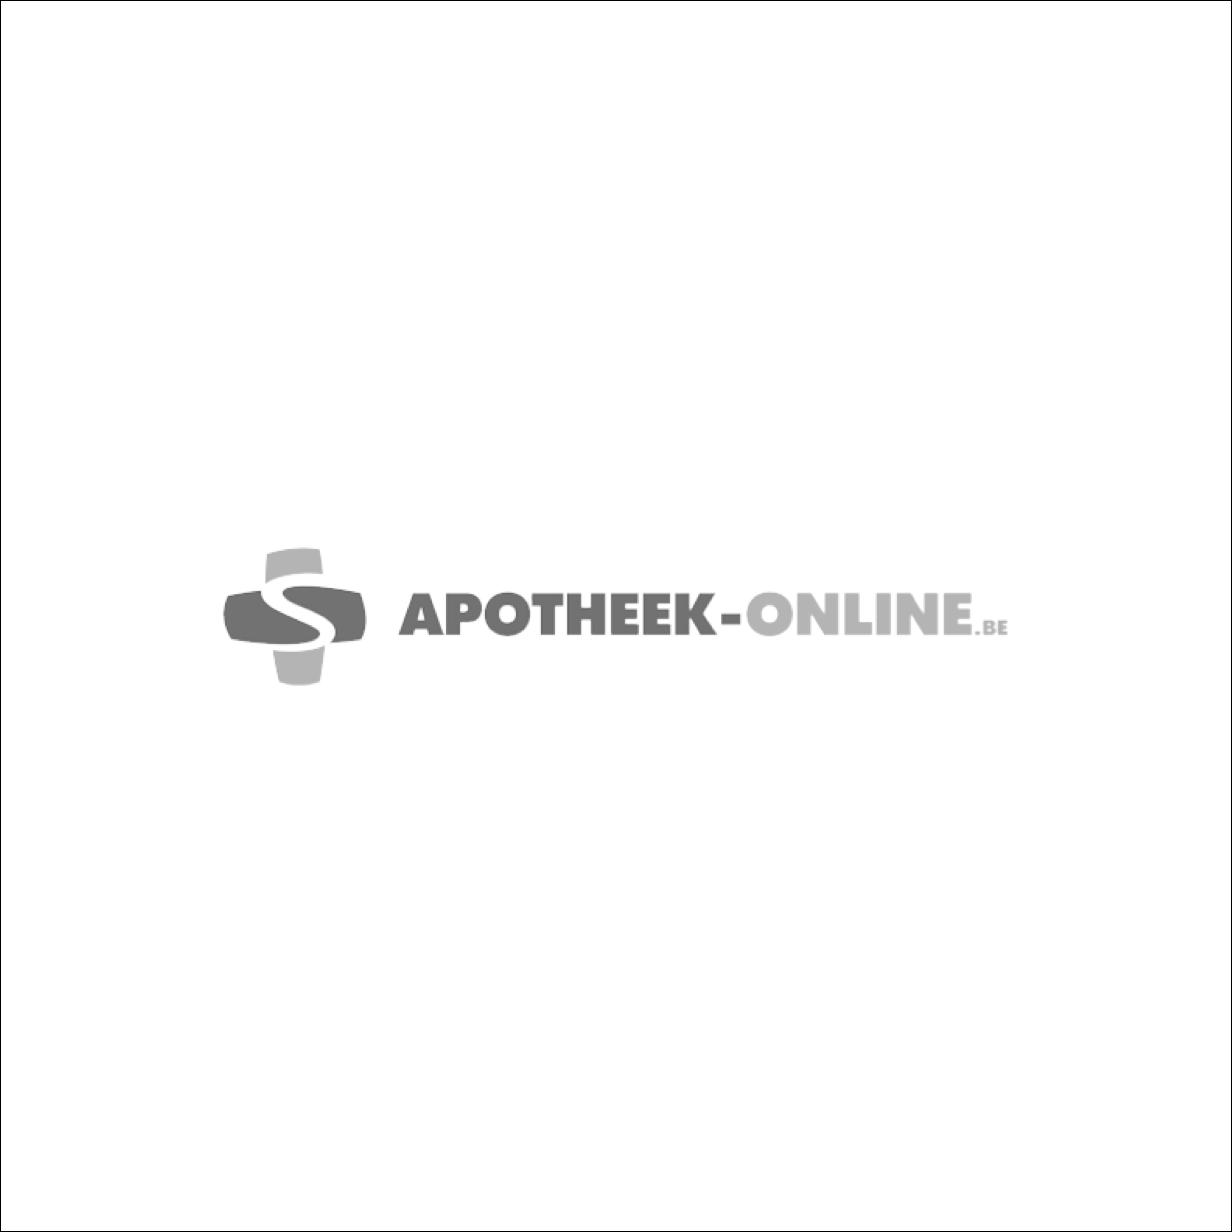 Puressentiel Promopack Zuiverende Luchtspray 200ml + Resp OK Luchtspray 20ml